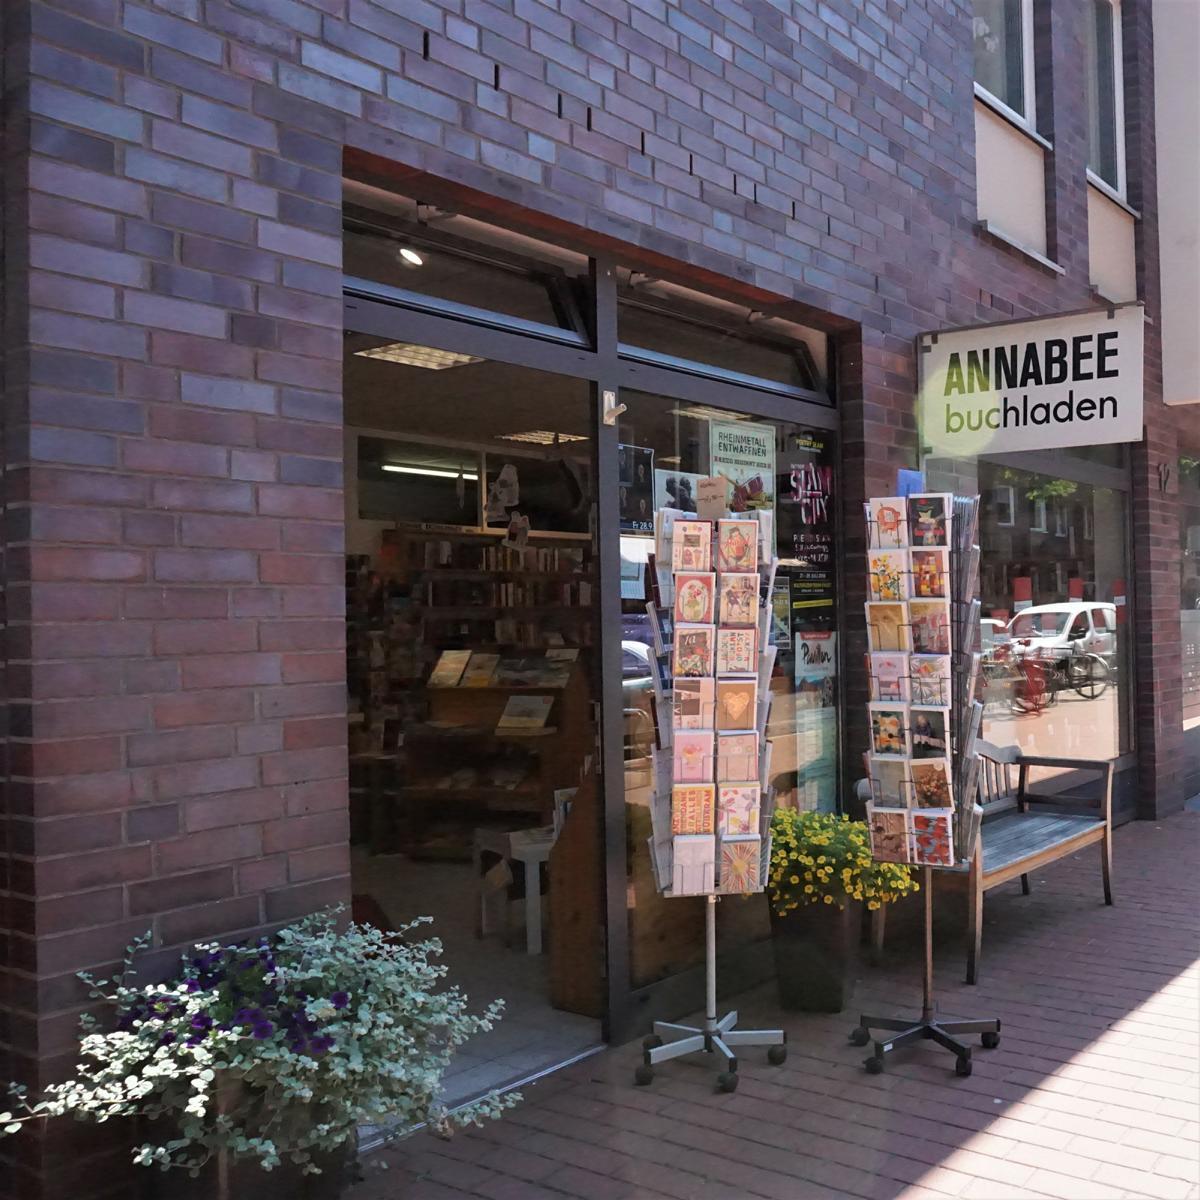 style hannover annabee buchladen 1 - Annabee Buchladen: Hier entscheidet das Kollektiv